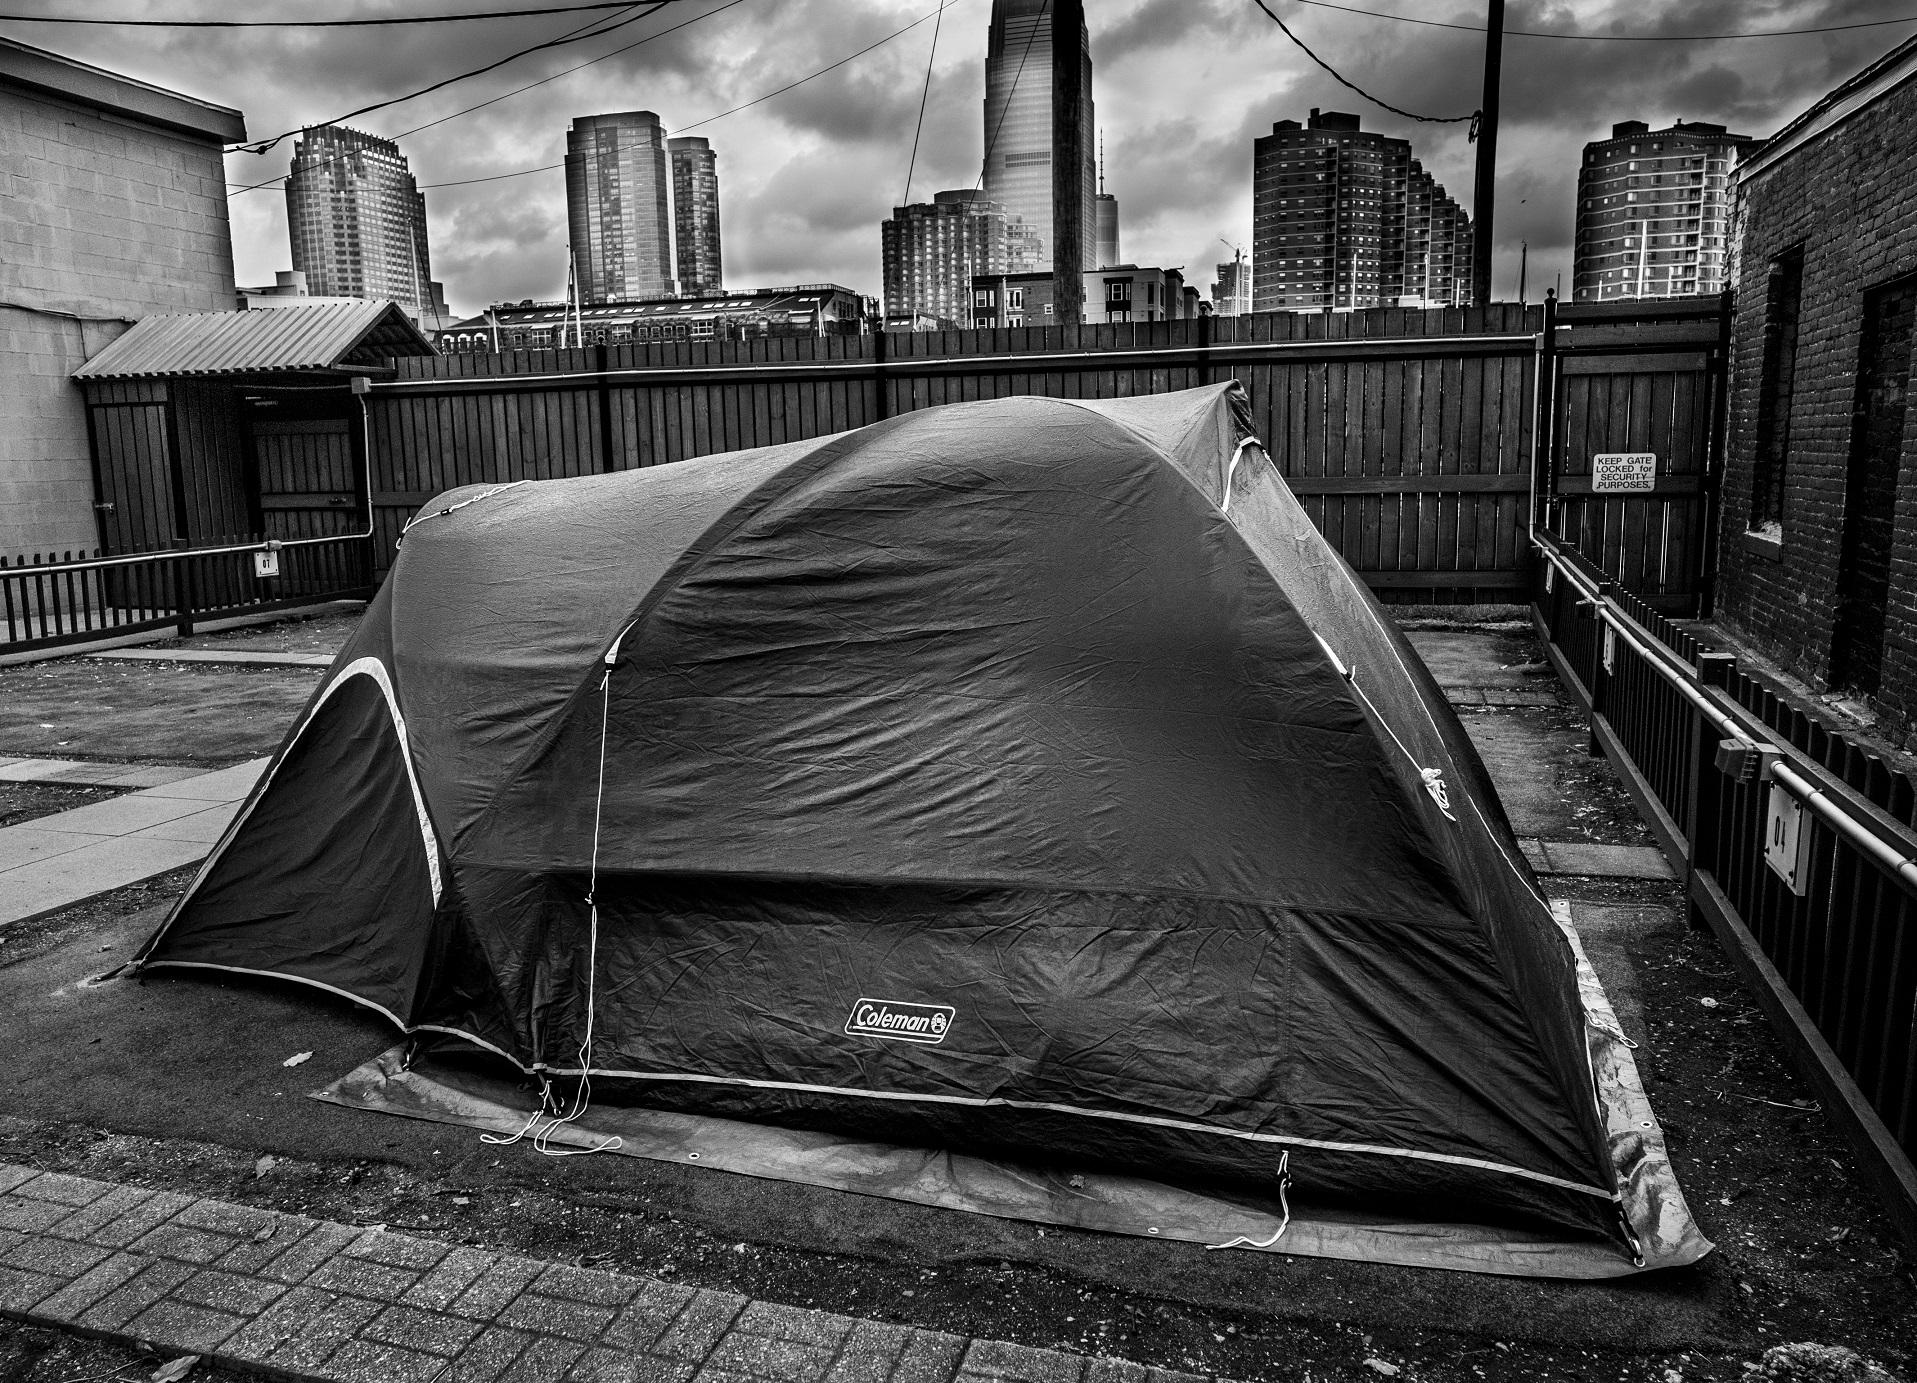 campsite-jersey-city-2016-daniel-d-teoli